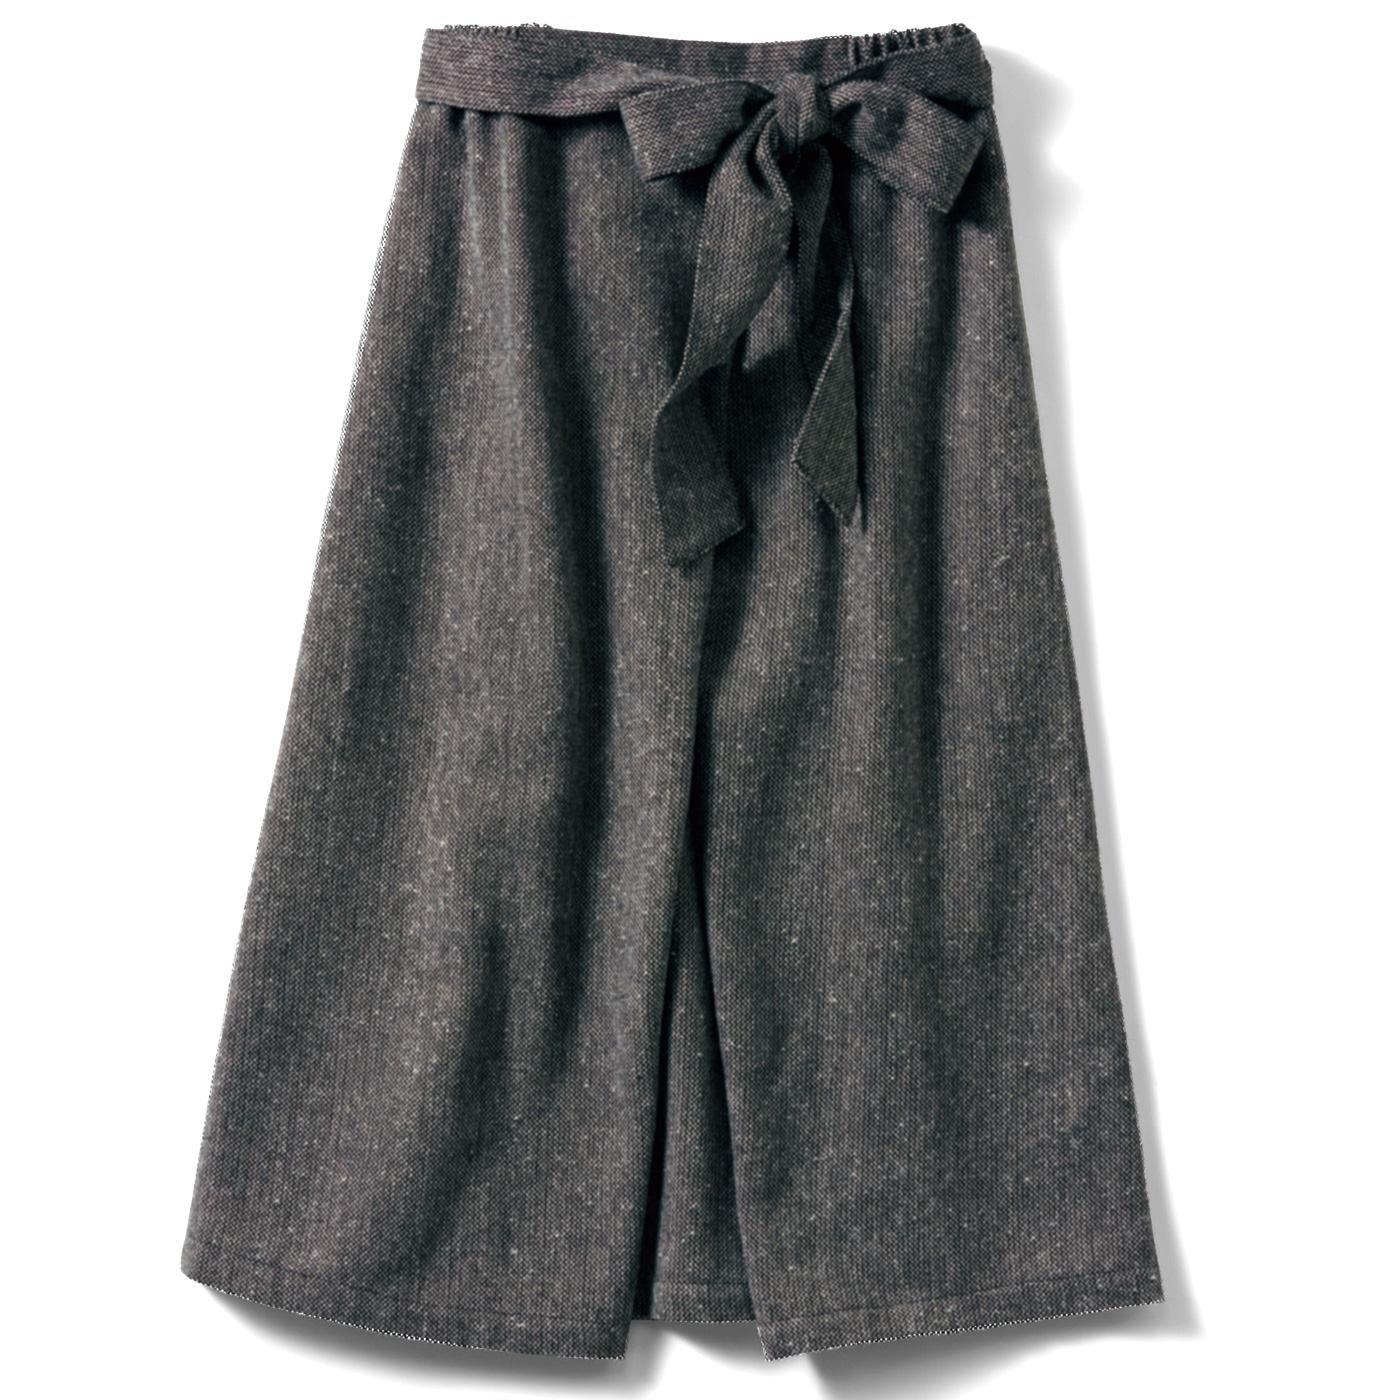 IEDIT[イディット] 巻きスカート風 ミモレ丈のツイードスカート〈ブラック〉